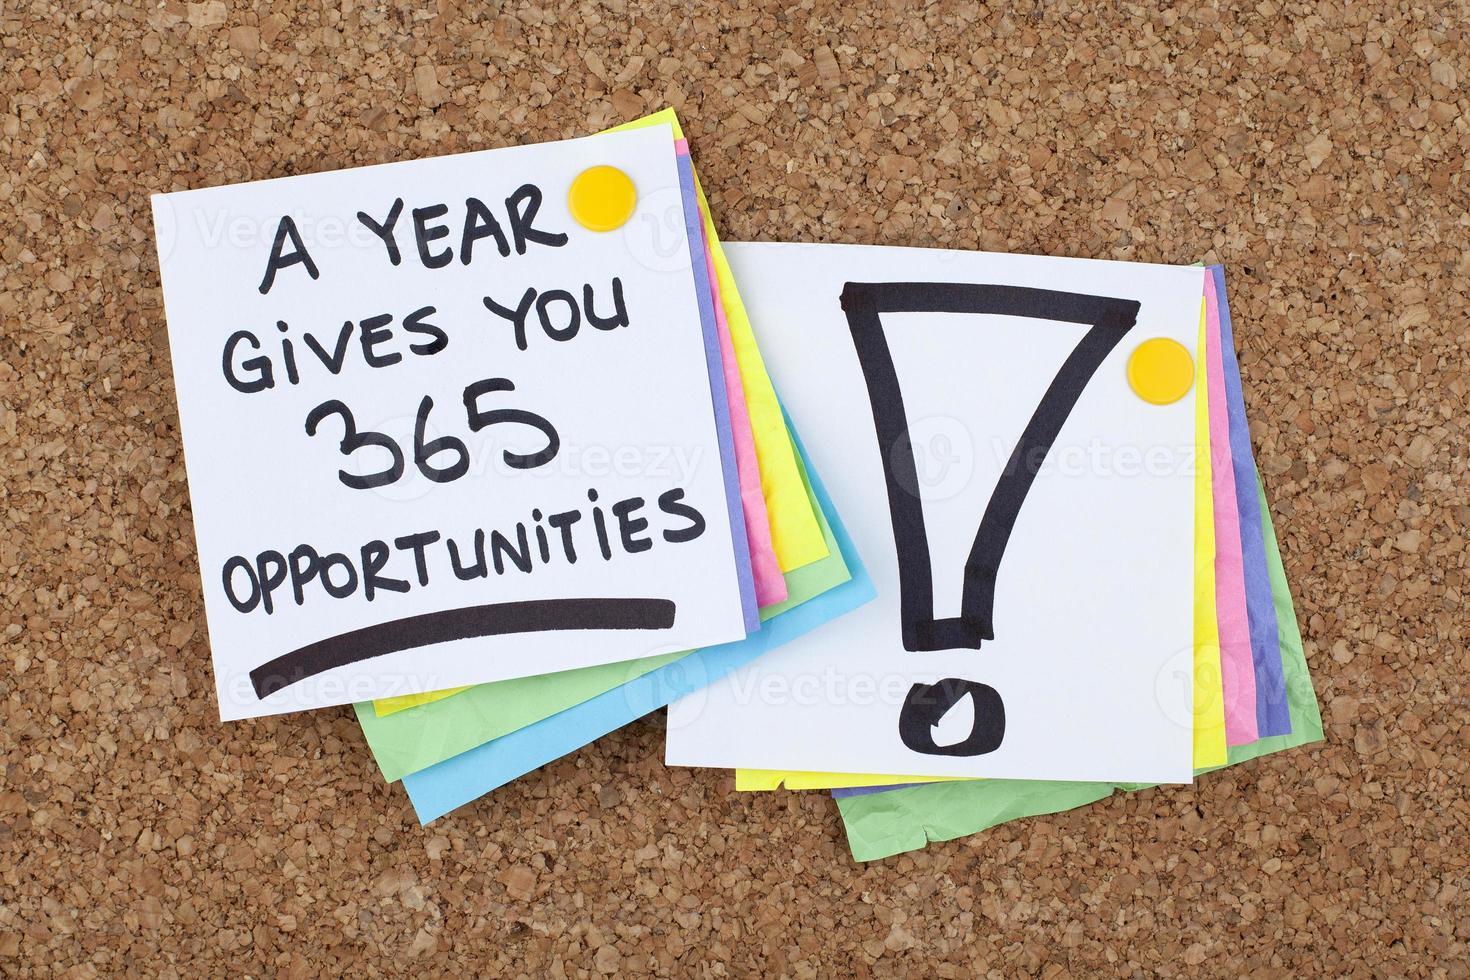 Ein Jahr bietet Ihnen 365 Möglichkeiten foto